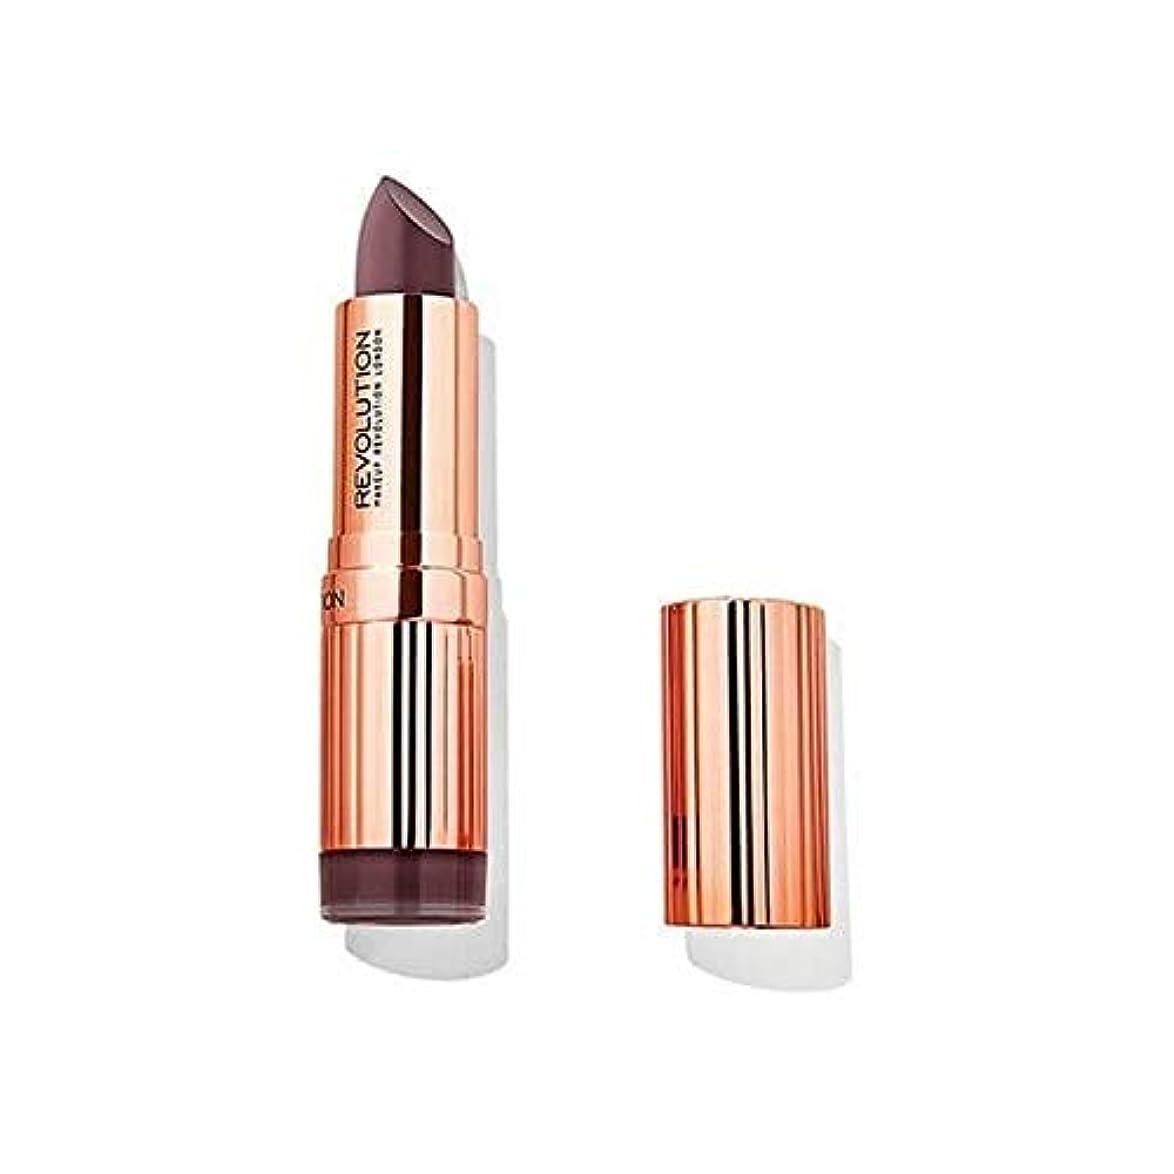 器具違反道[Revolution ] 革命ルネサンス口紅買収 - Revolution Renaissance Lipstick Takeover [並行輸入品]